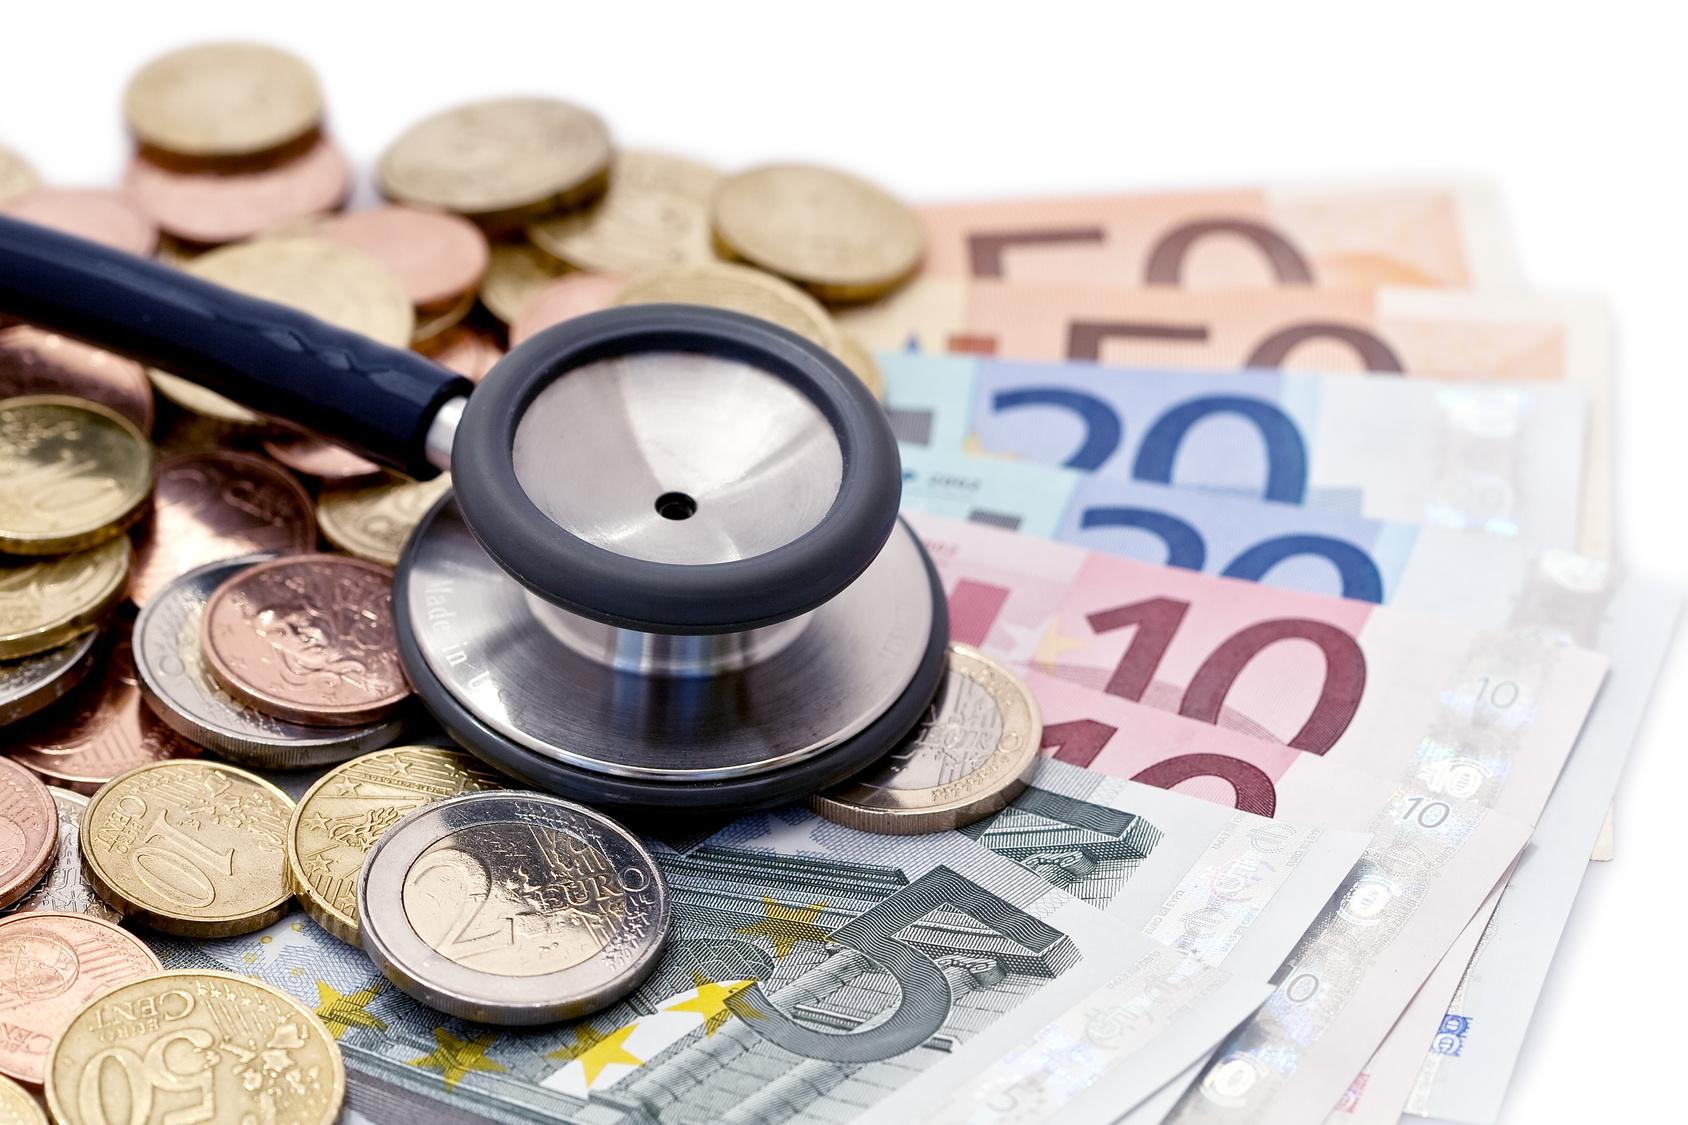 Transport des malades : des millions pourraient être économisés